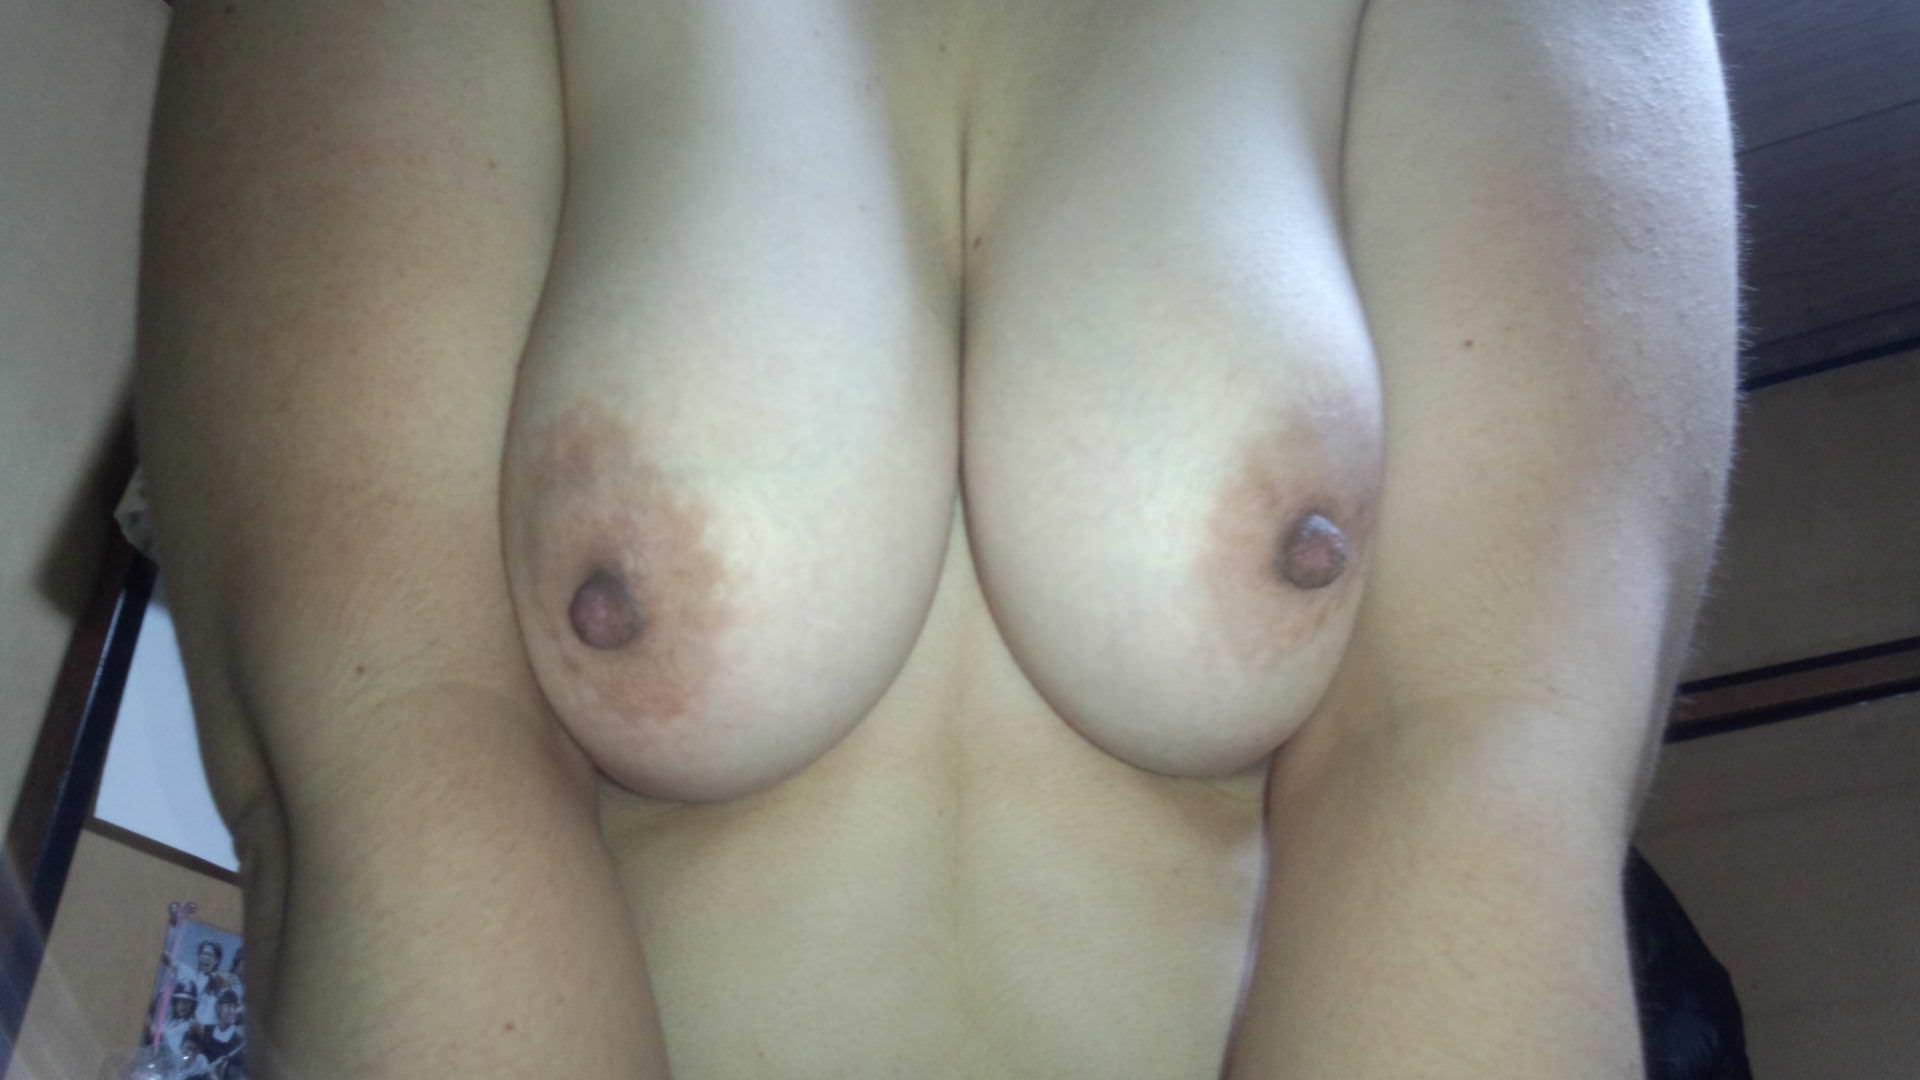 巨乳おっぱい熟女の豊満な身体ほんとすこwww 0813